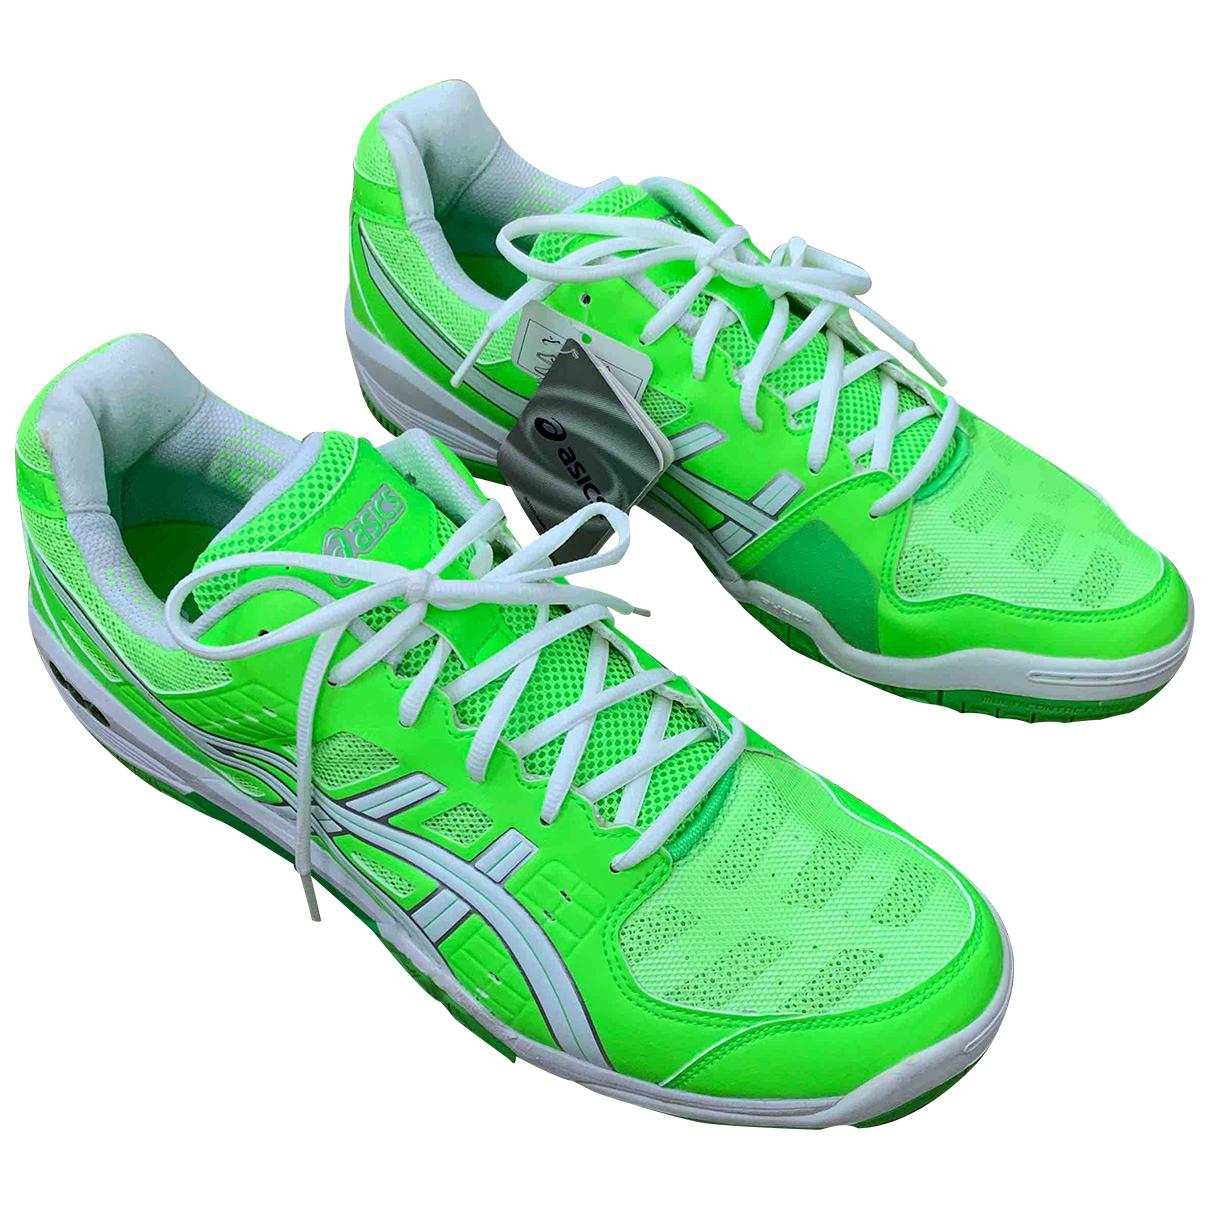 Asics - Baskets   pour homme en toile - vert